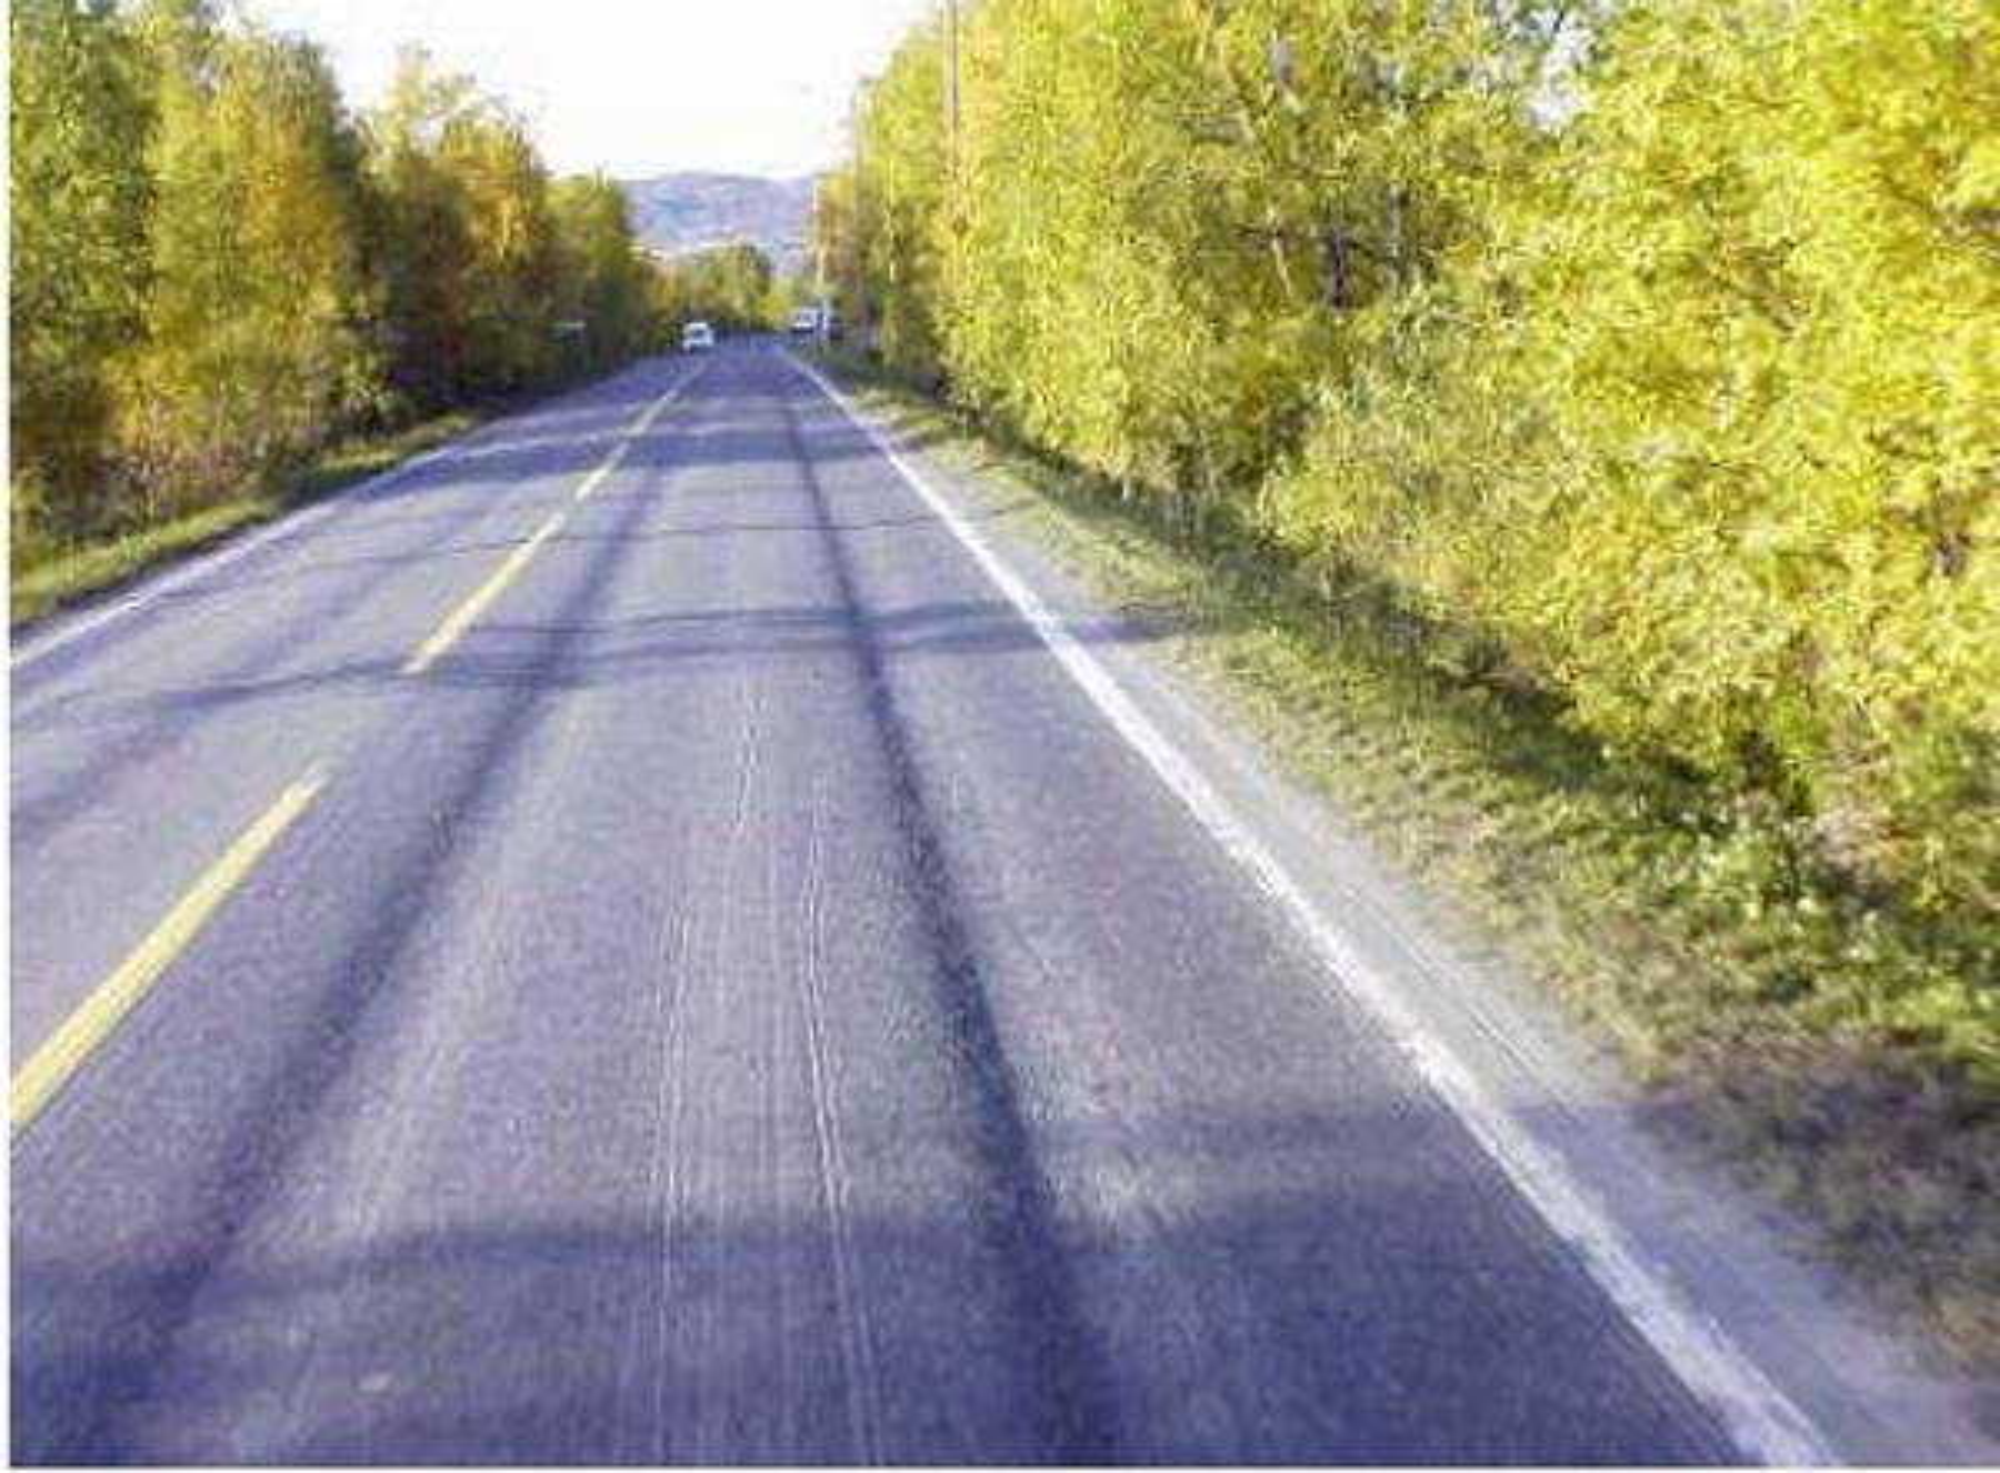 VIL ENDRE: Finnmark fylkeskommune hadde ikke penger nok til nytt dekke på hele veien og lot det stå igjen strekninger som ikke ble utbedret og med 4,8 centimeter spordybde. Her skjedde det en ulykke som kostet tre liv. Nå vurderer vegvesenet strengere regler for tillatt spordybde.